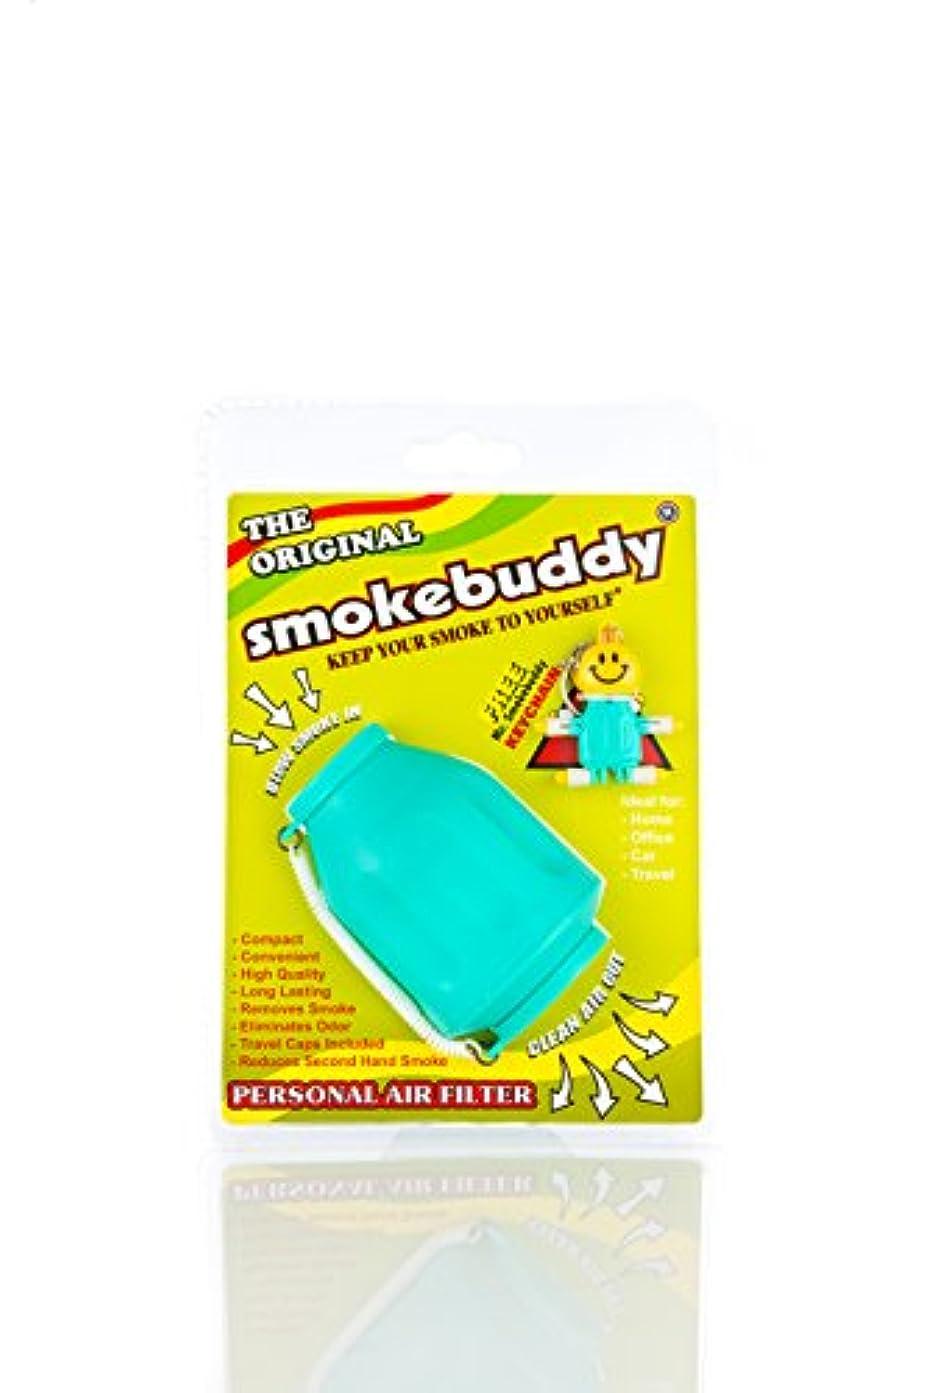 グリーンバック抜本的などこにでもSmoke Buddy - Personal Air Filter/ Purifier Brand New - Teal by smokebuddy